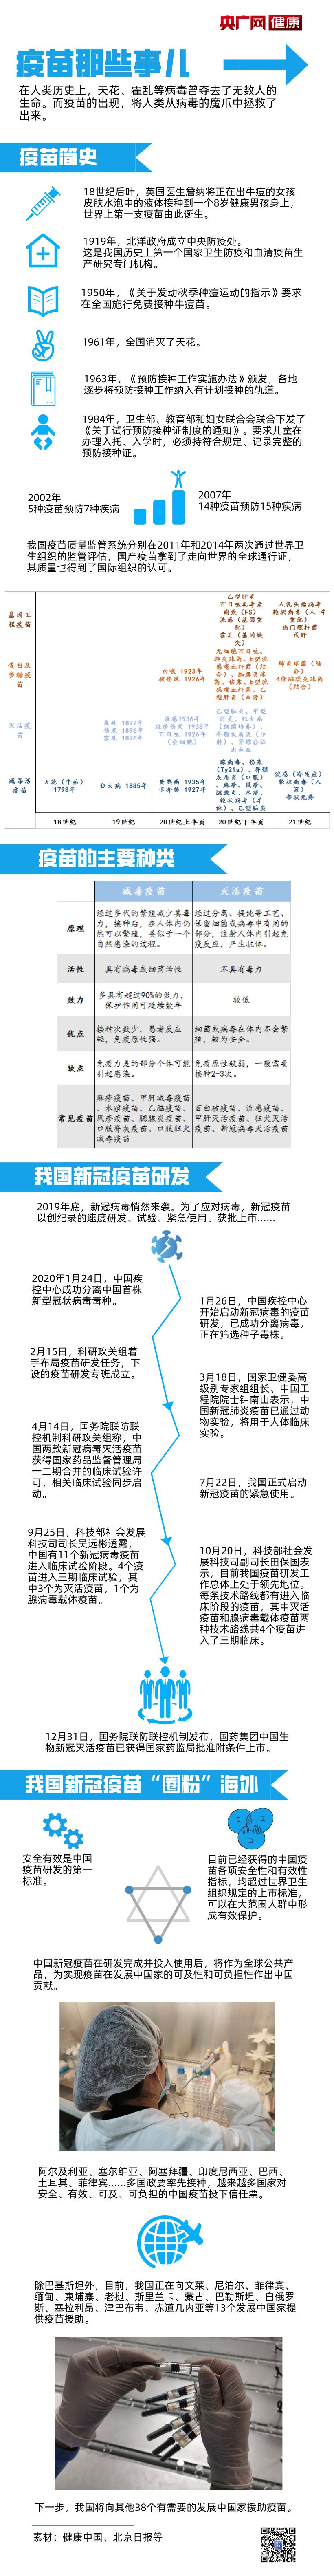 【科普】疫北京助孕苗那些事儿